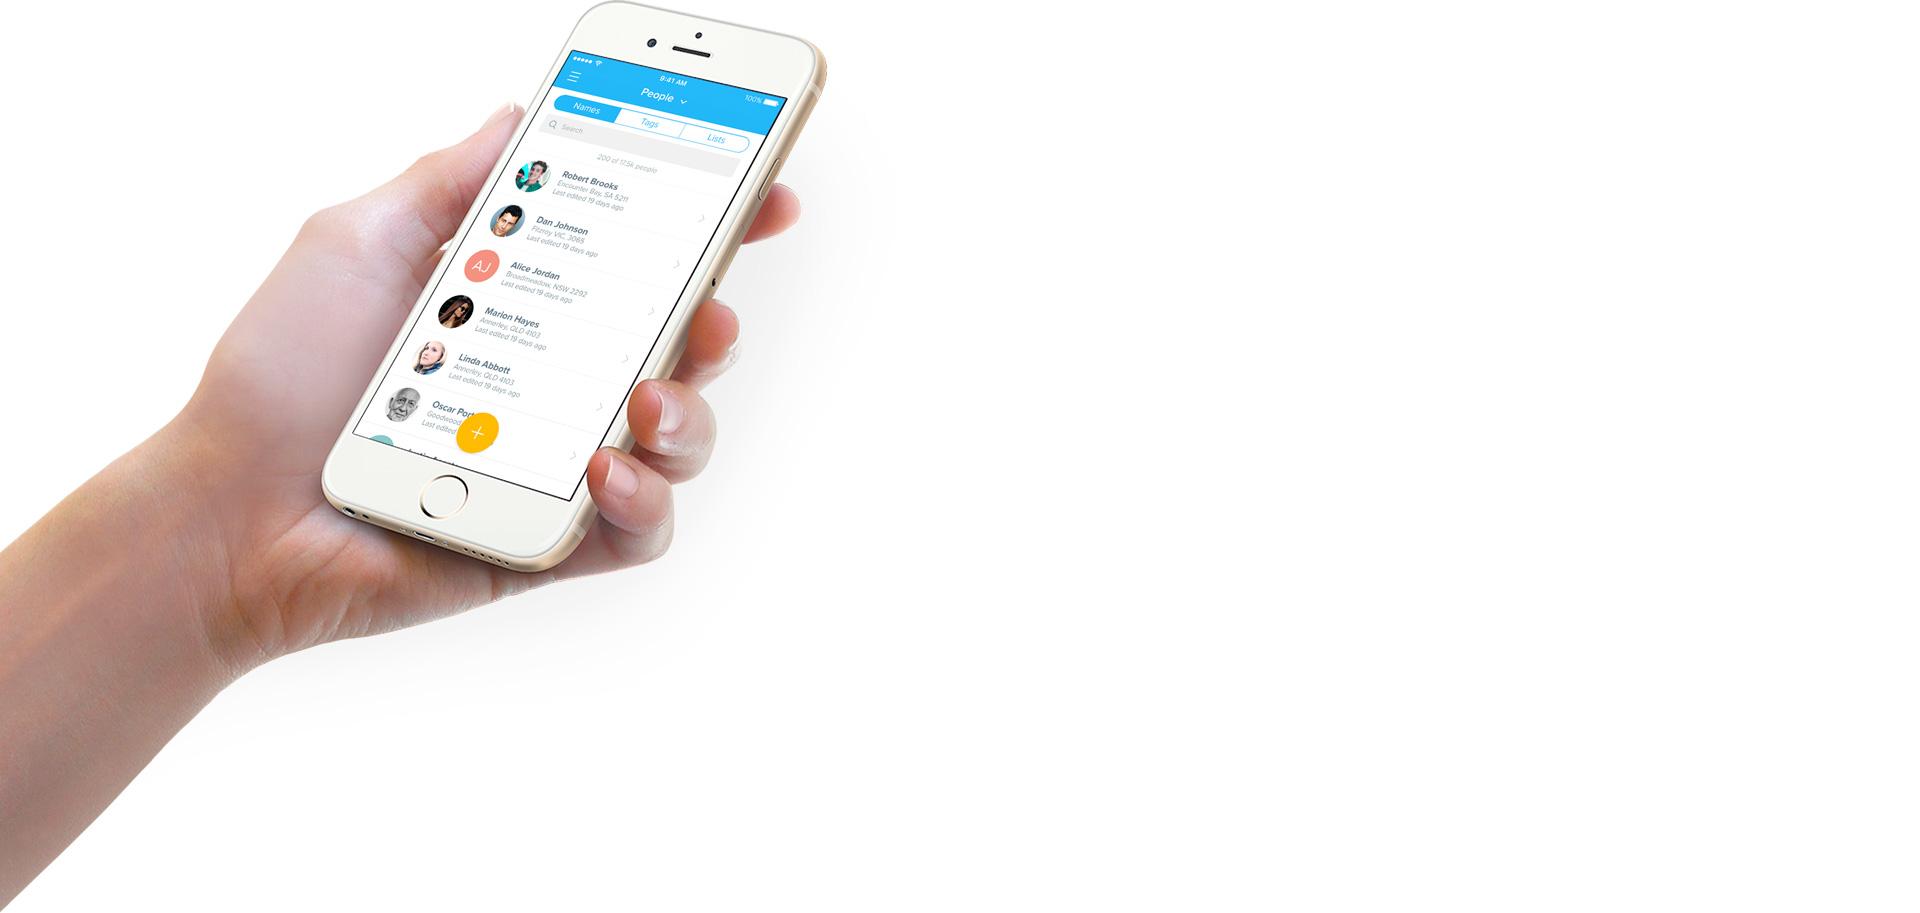 FieldEdge app on iPhone 6 in woman's hand